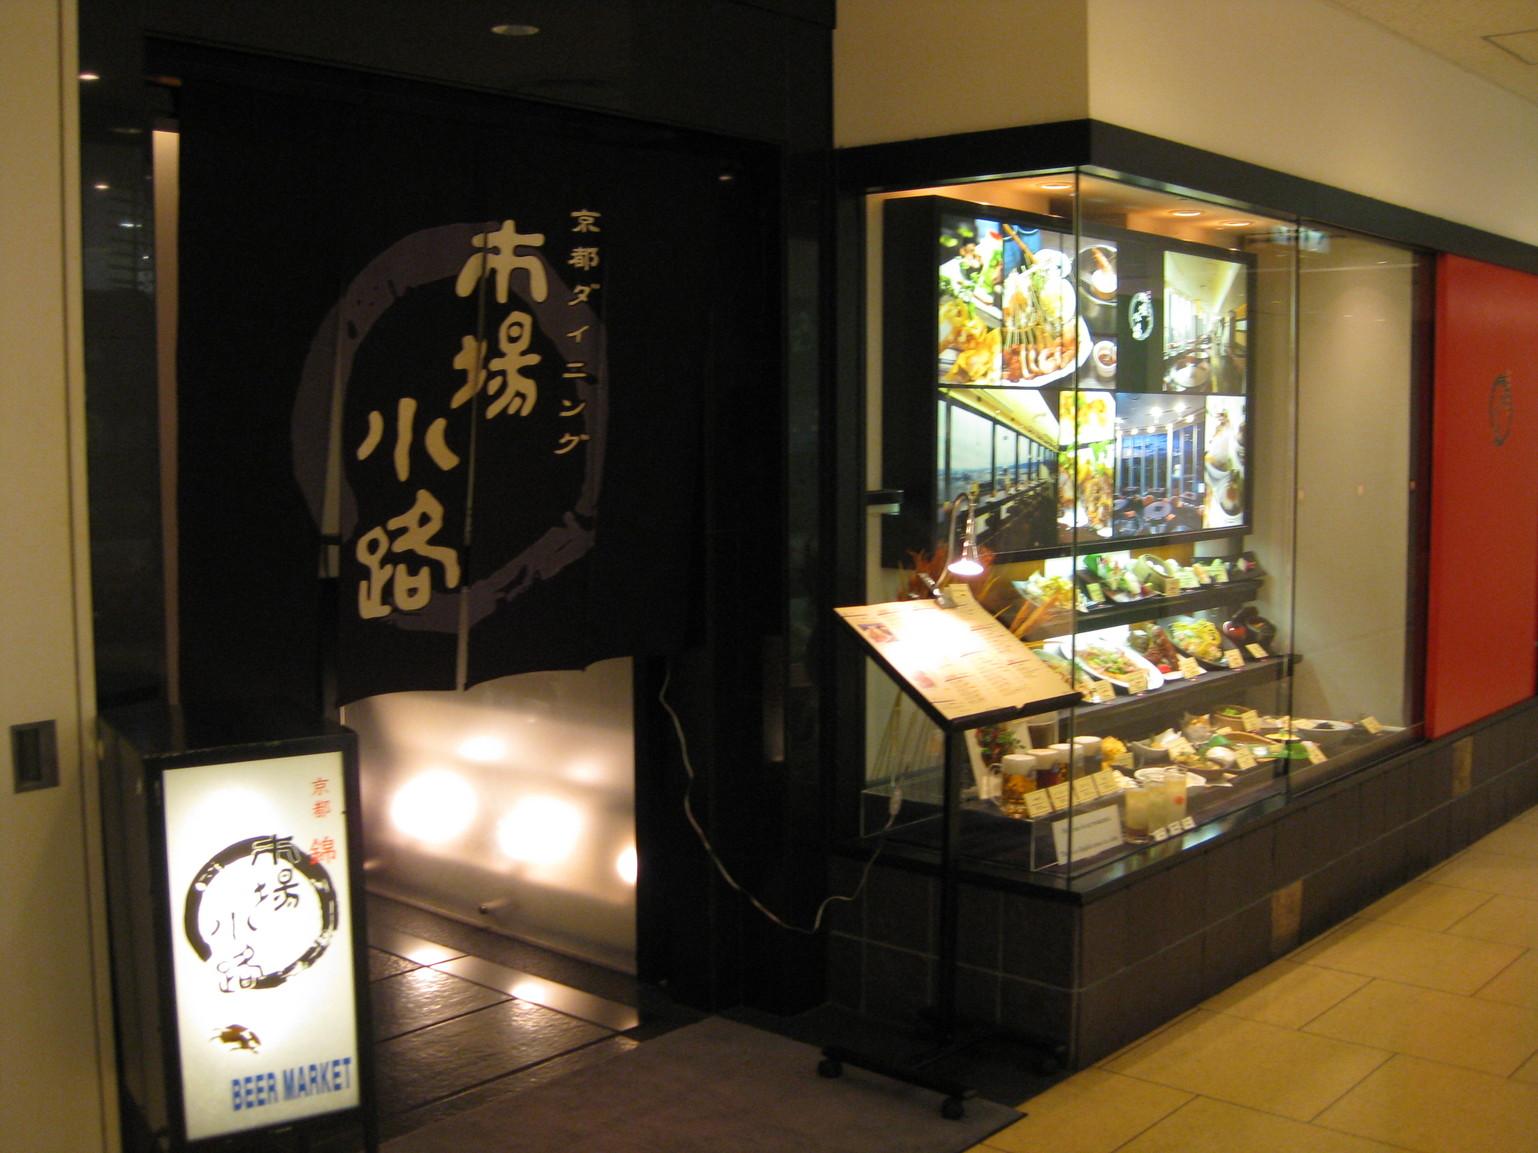 市場小路 JR京都伊勢丹店